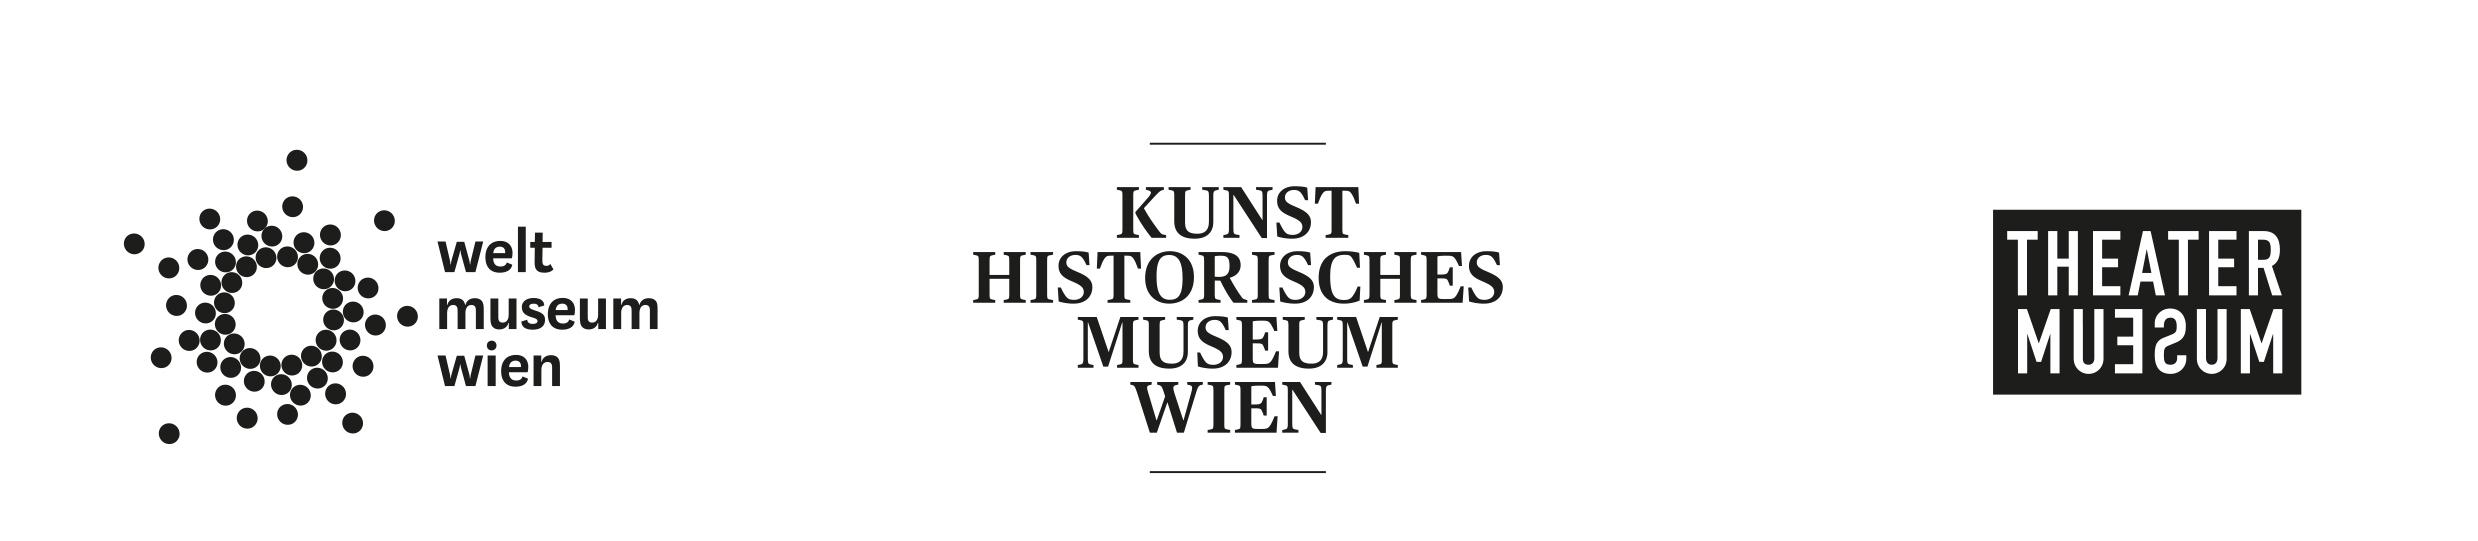 Wissenschaftlicher Direktor (m/w/d) im Theatermuseum Wien - KHM-Museumsverband - Logo